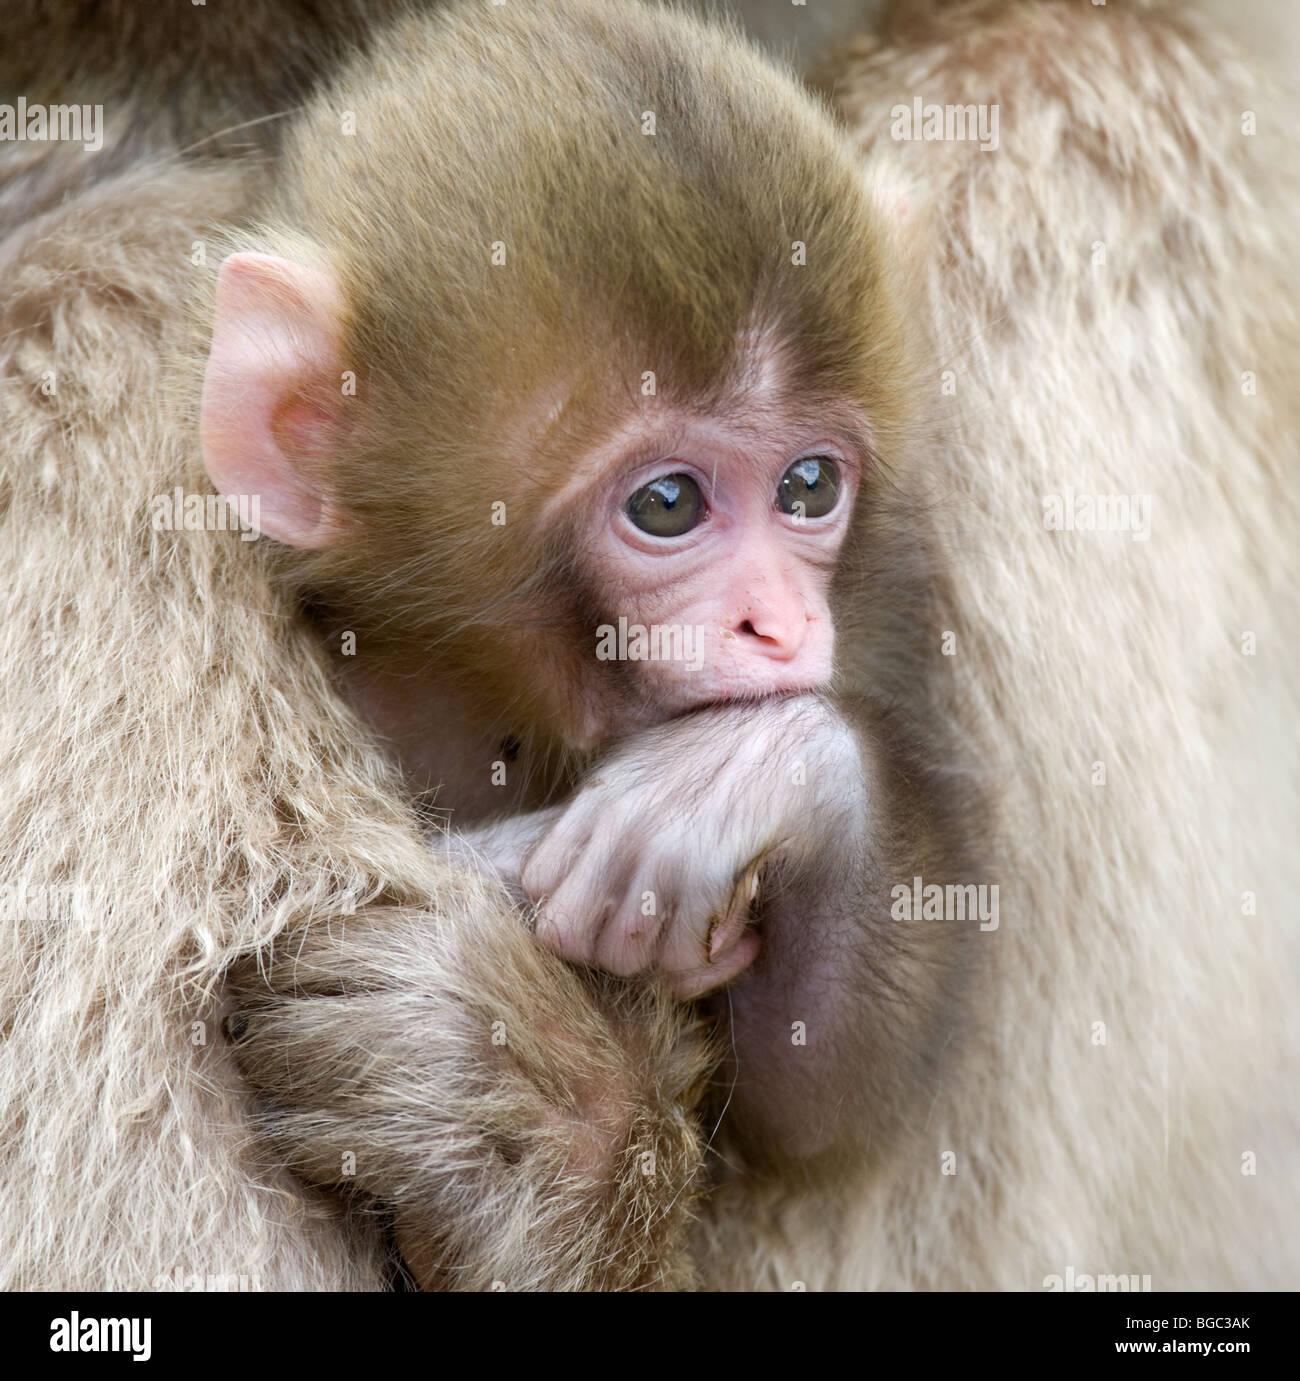 Bébé Macaque japonais (Macaca fuscata) dans les bras de mère Photo Stock